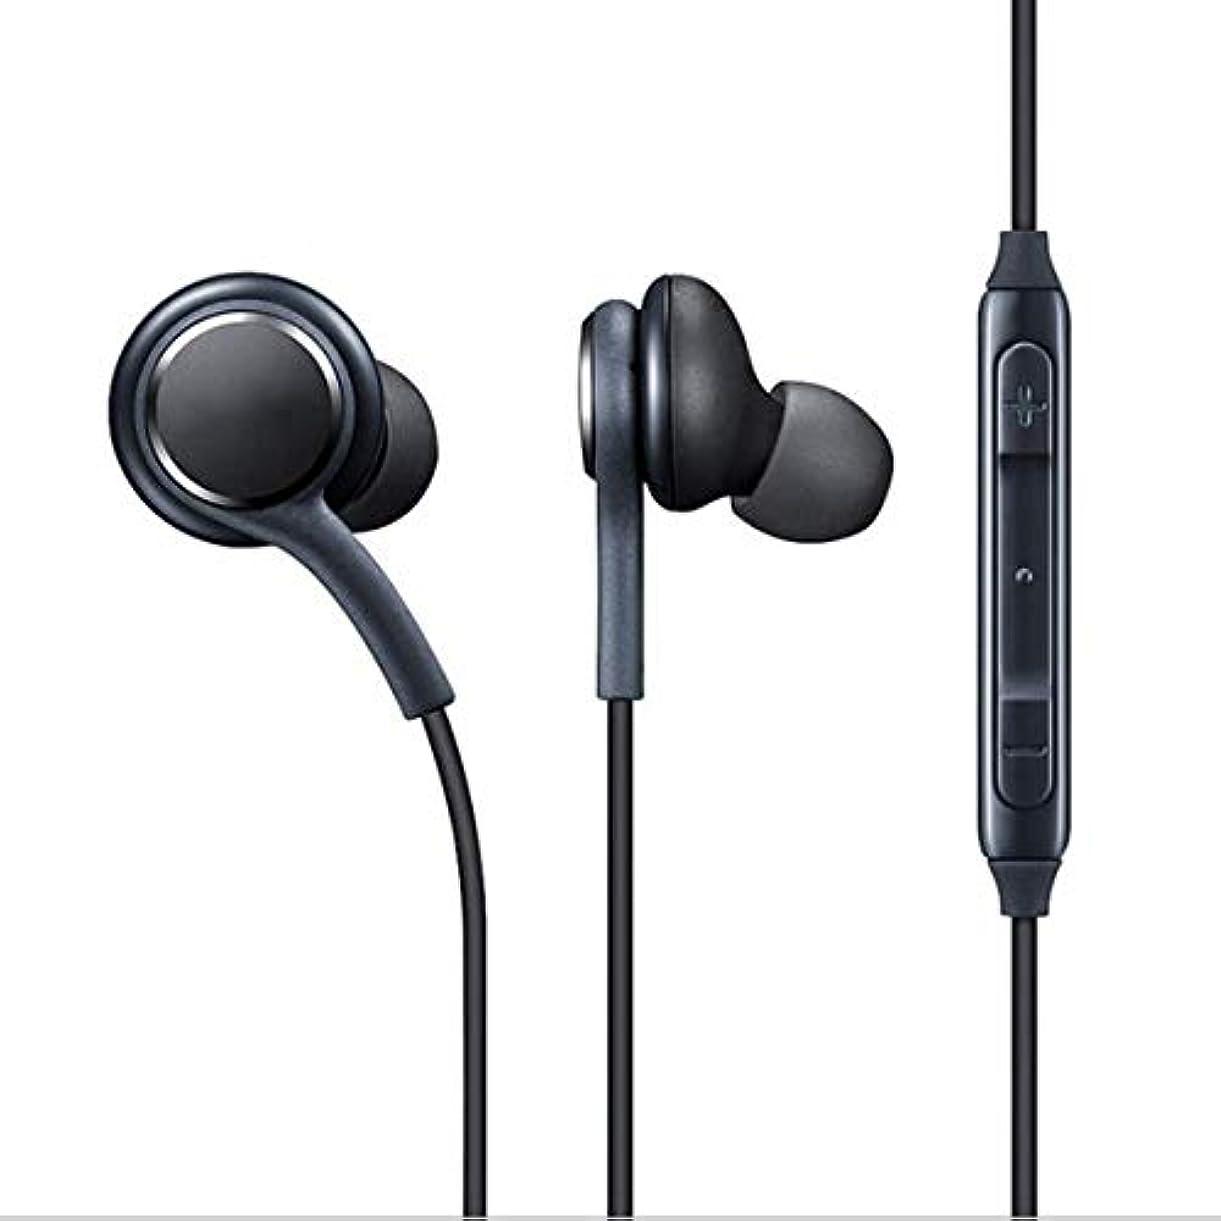 取り出す日摩擦Blackfell 磁気金属のイヤホーンの極度の低音のステレオのイヤホーン携帯電話エムピー?スリーMP4のためのMicが付いているSweatproofのヘッドホーン